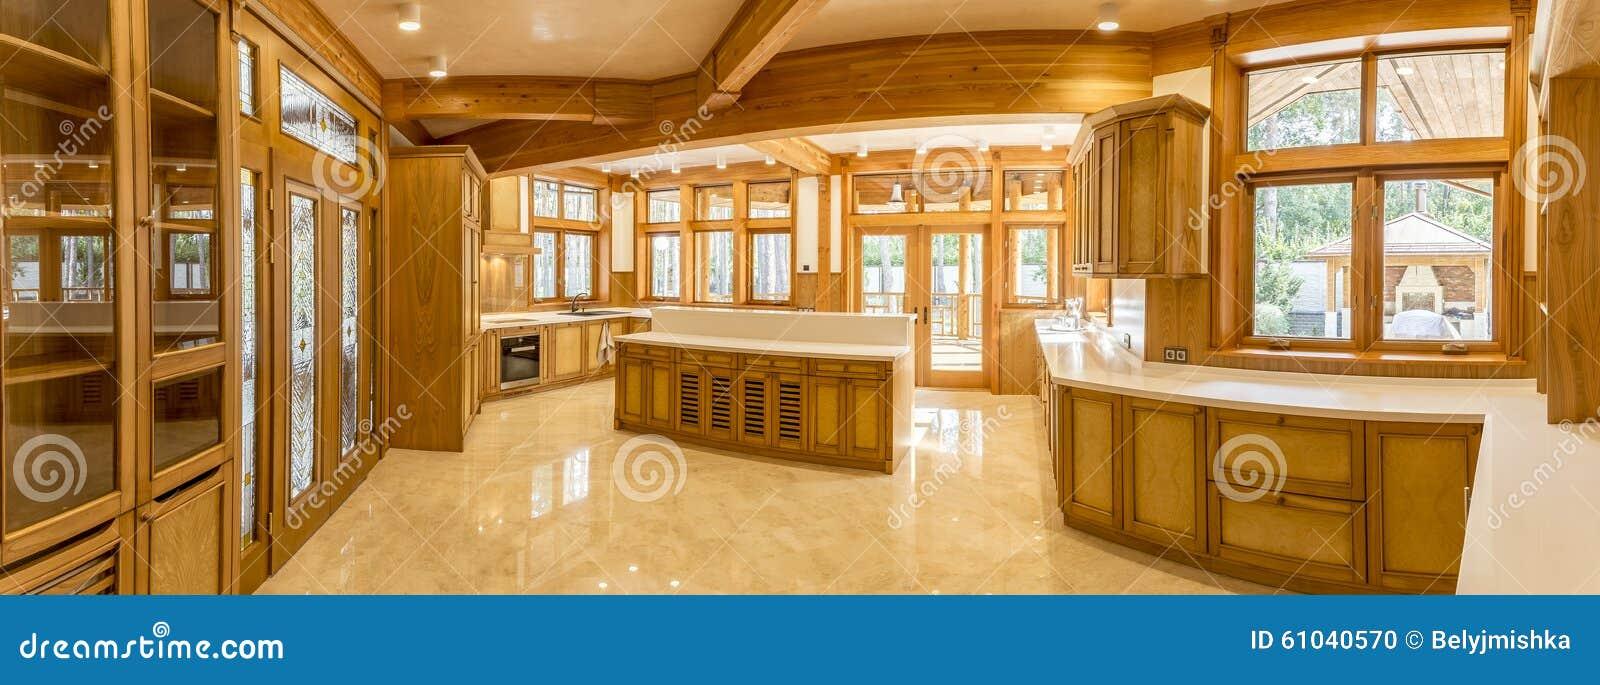 Houten keuken en marmeren vloer in buitenhuis stock foto ...